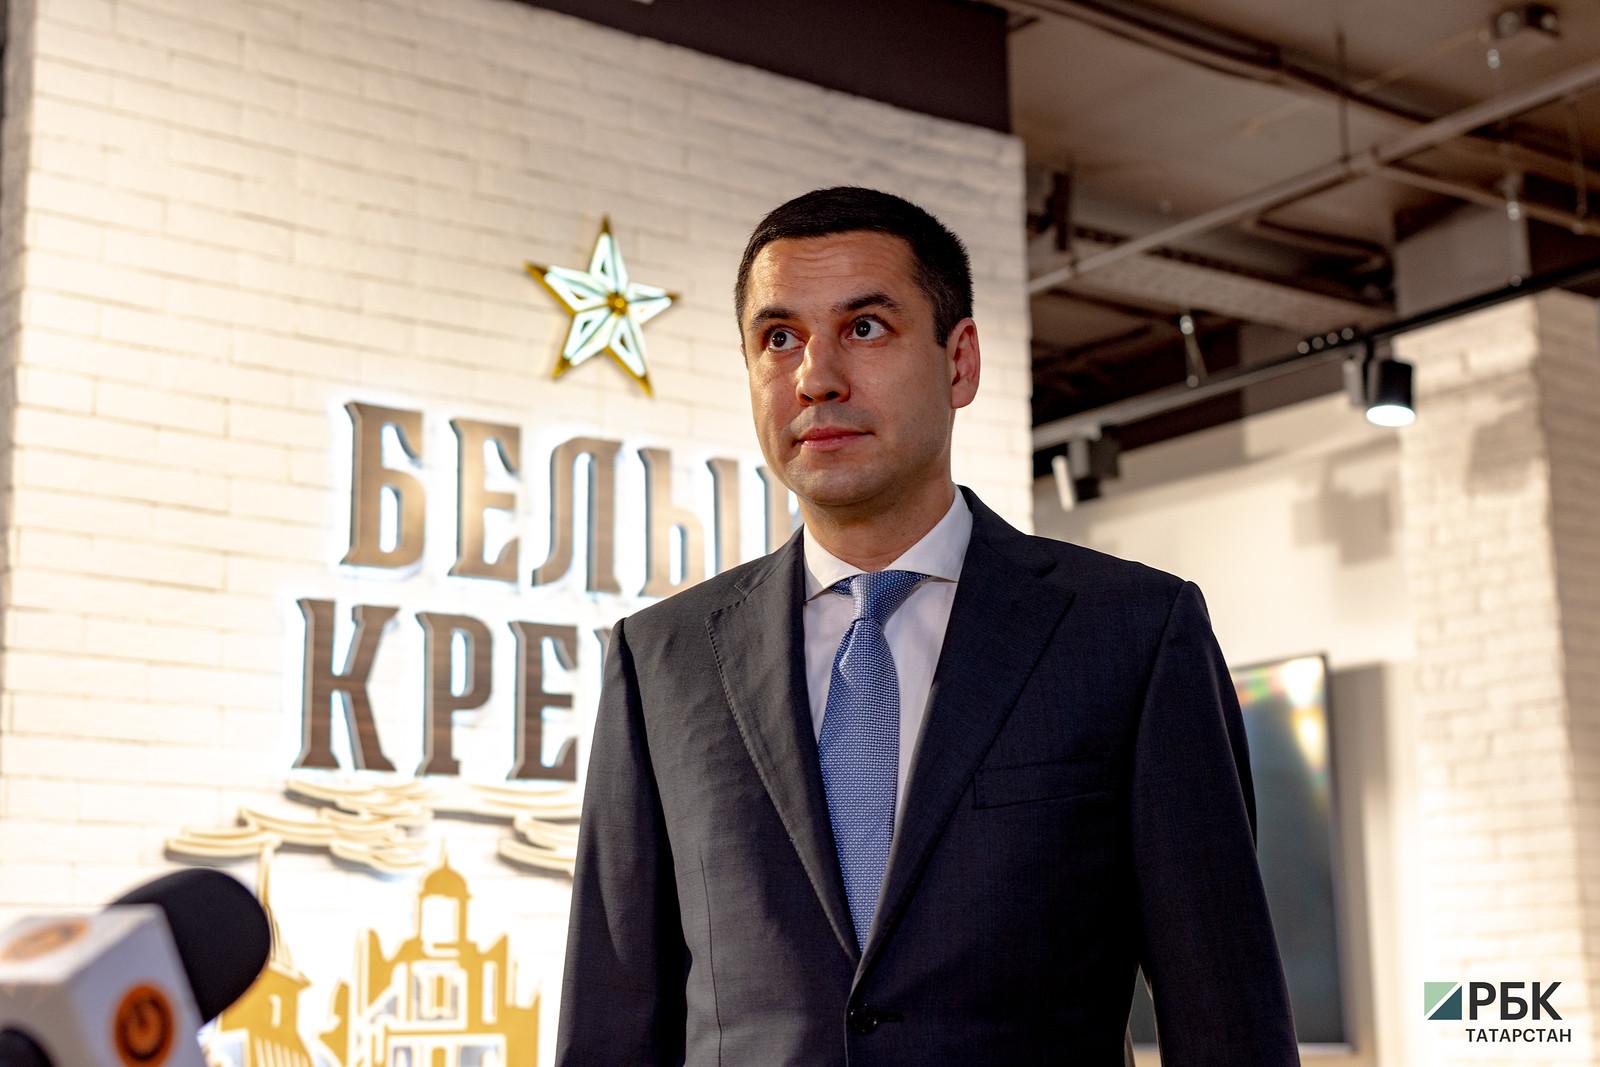 Ильдар Залаков, директор завода «Белый Кремль»